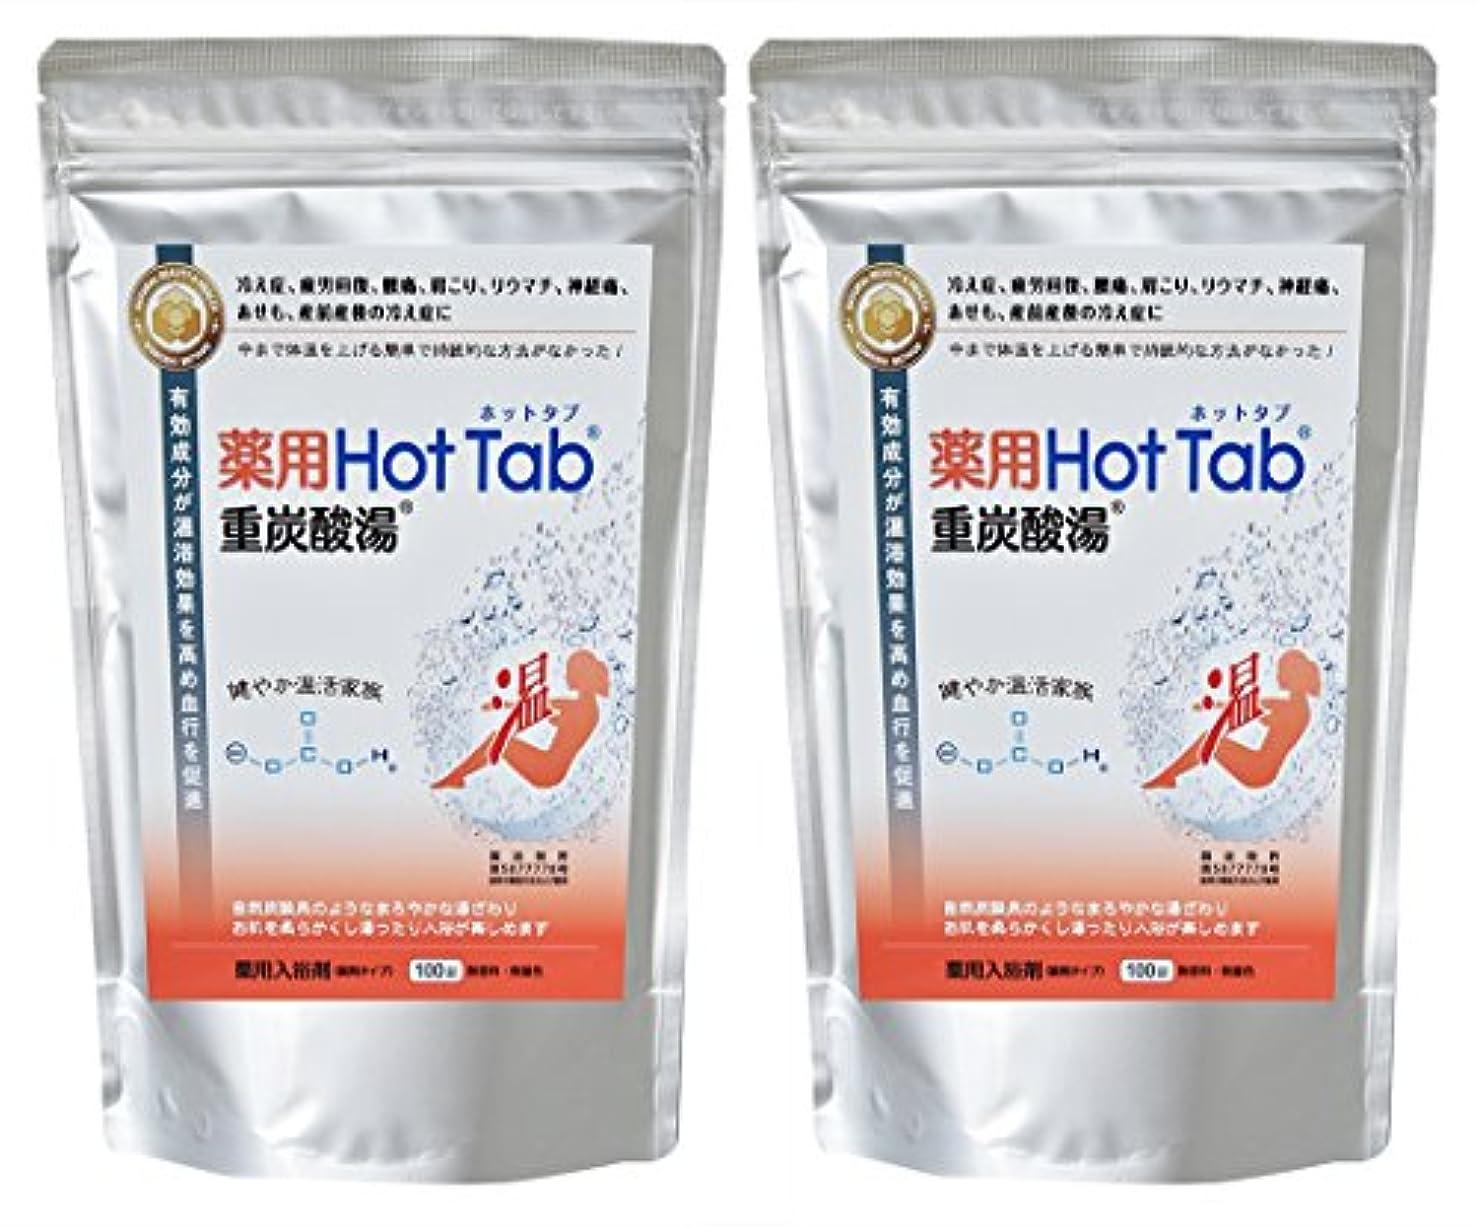 ビザ全体にめったに薬用 Hot Tab 重炭酸湯 100錠入りx2セット